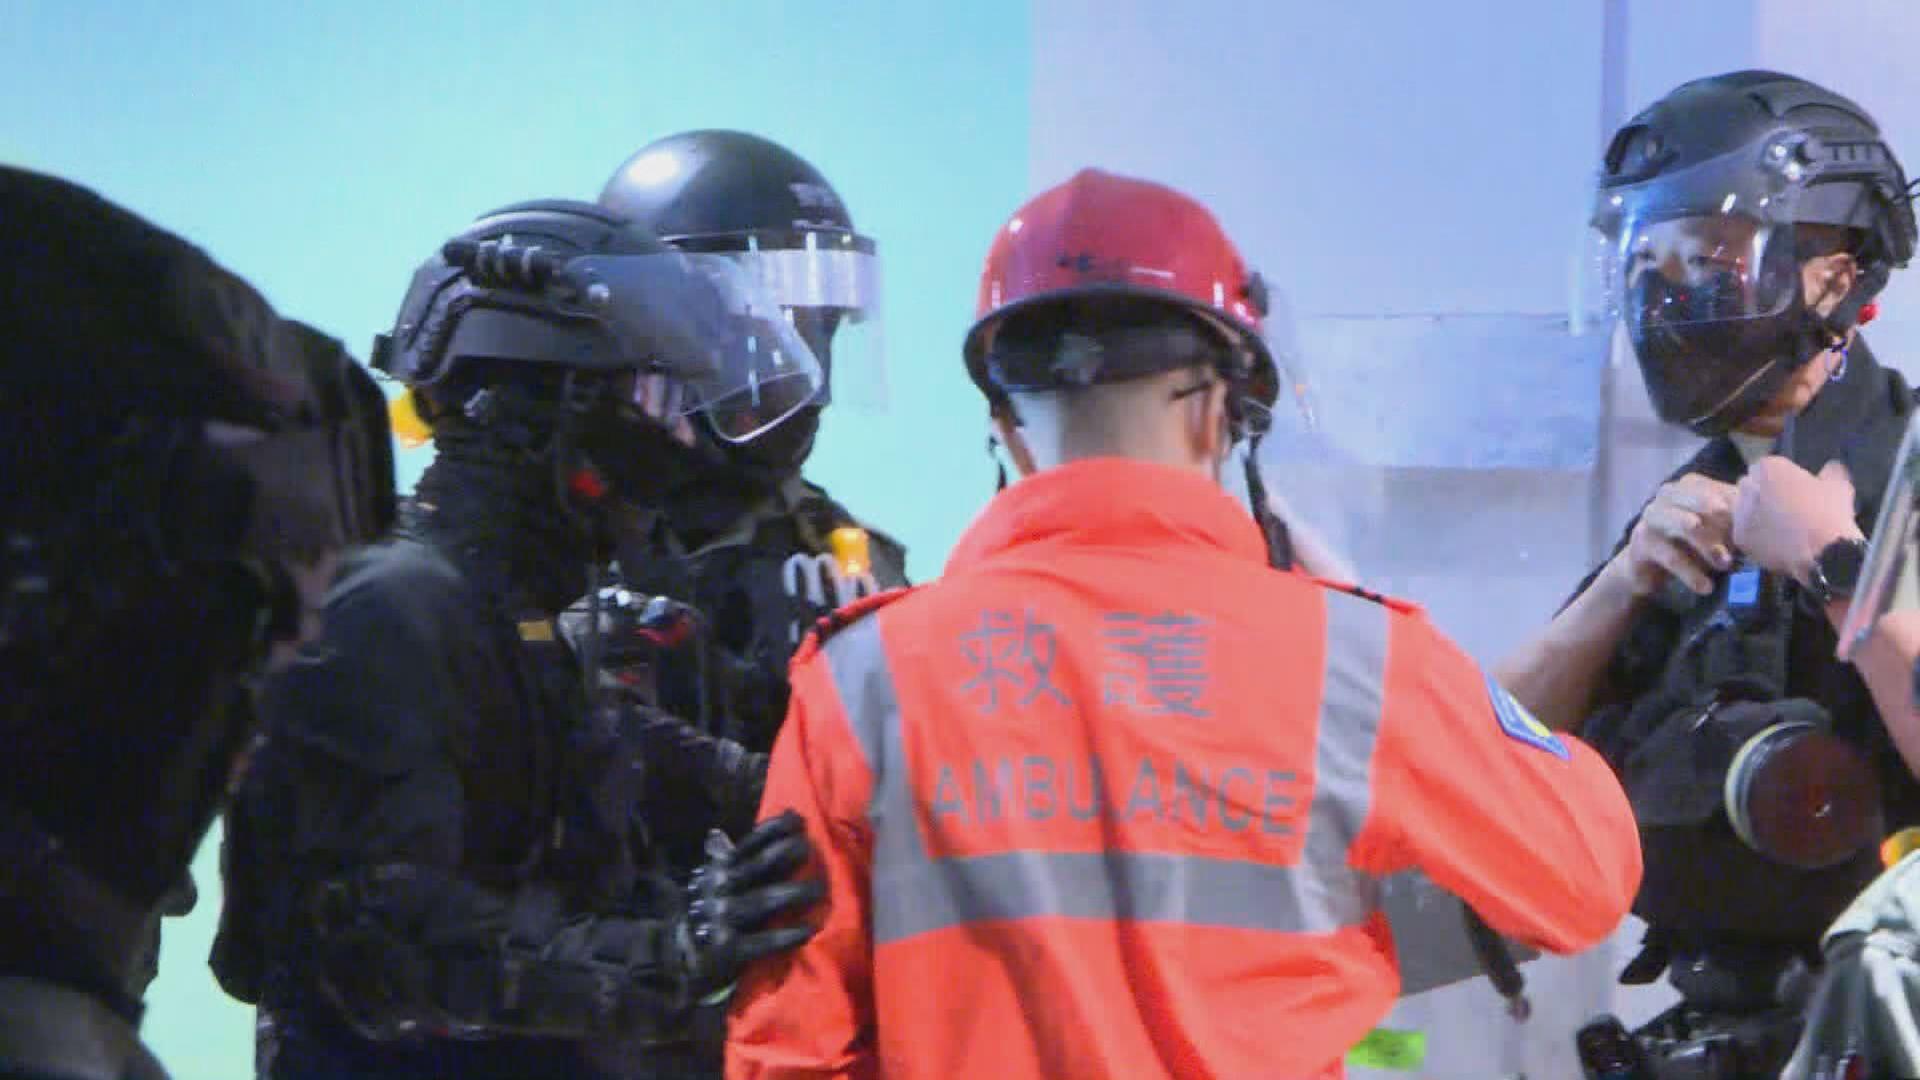 警員救護爭吵 兩部門指會繼續互相體諒合作